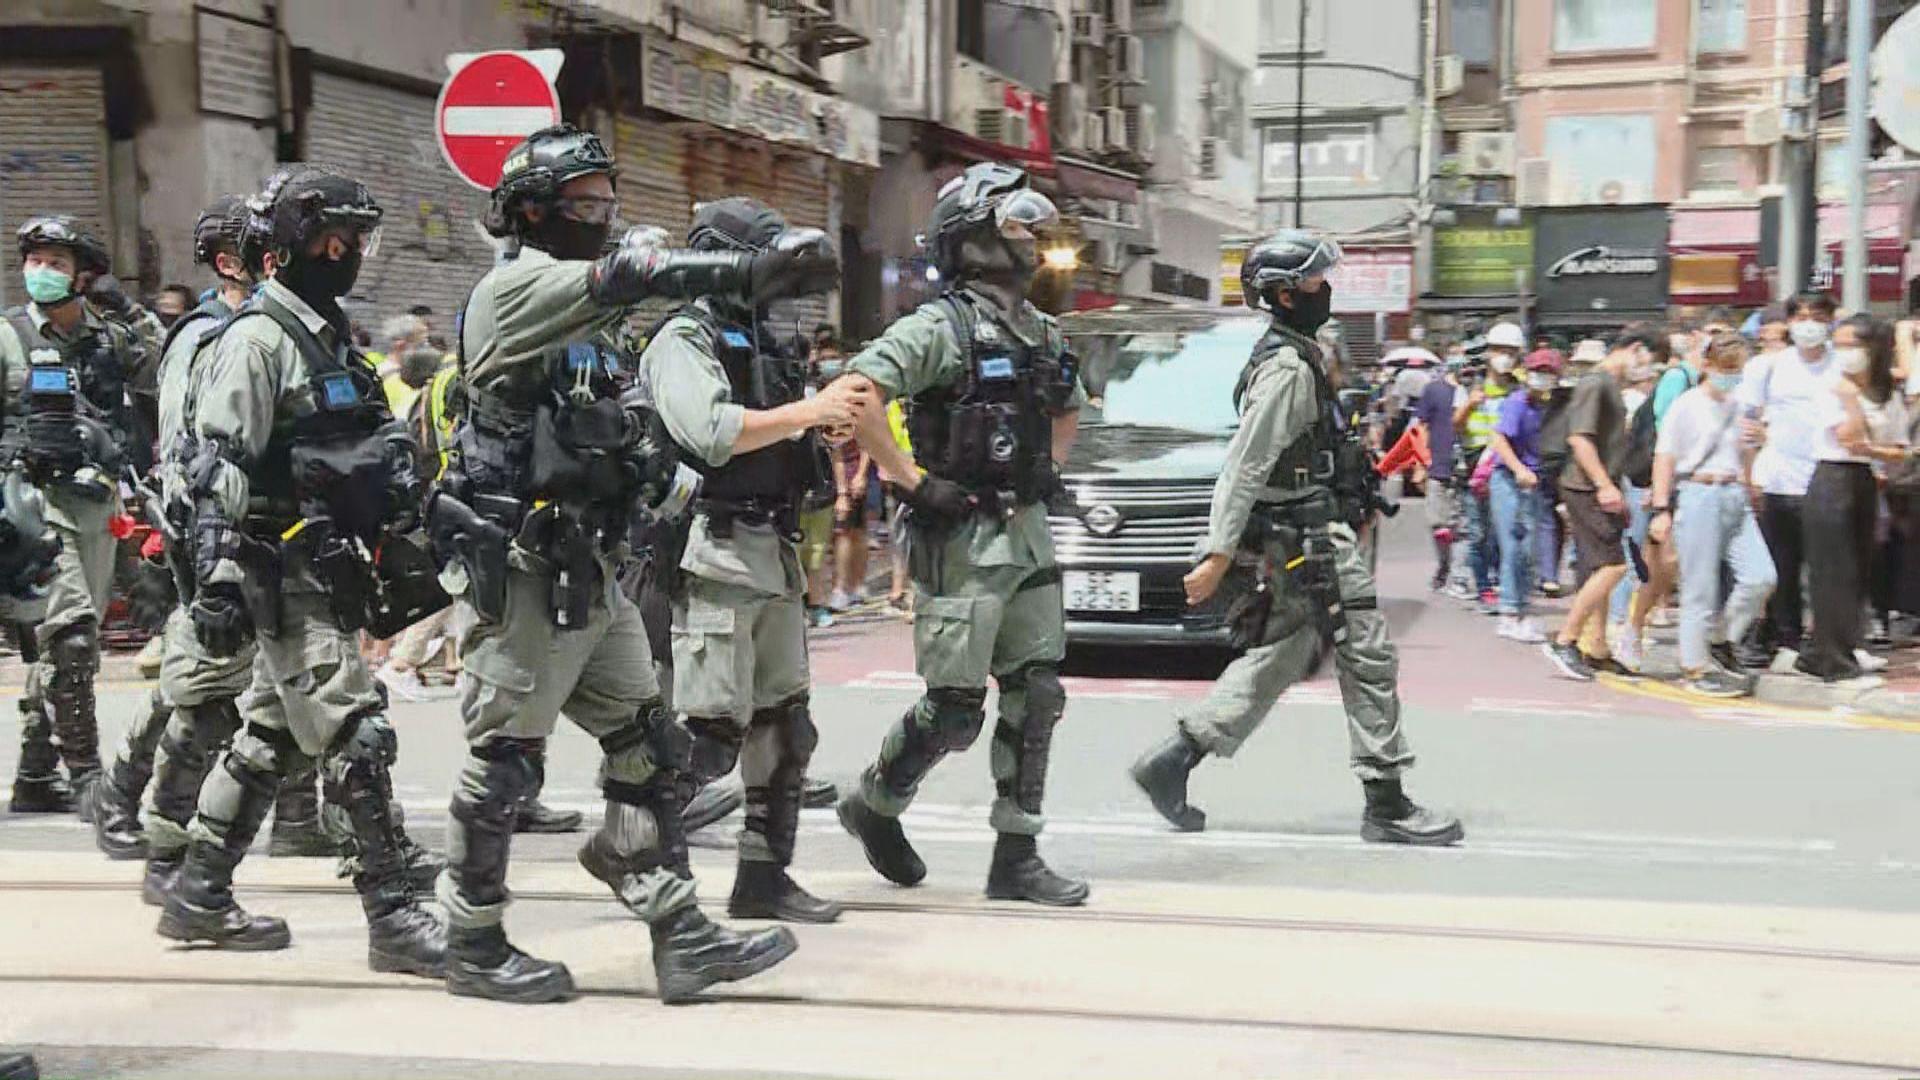 李家超:警員有合理相信可按國安法拘捕、調查及搜證